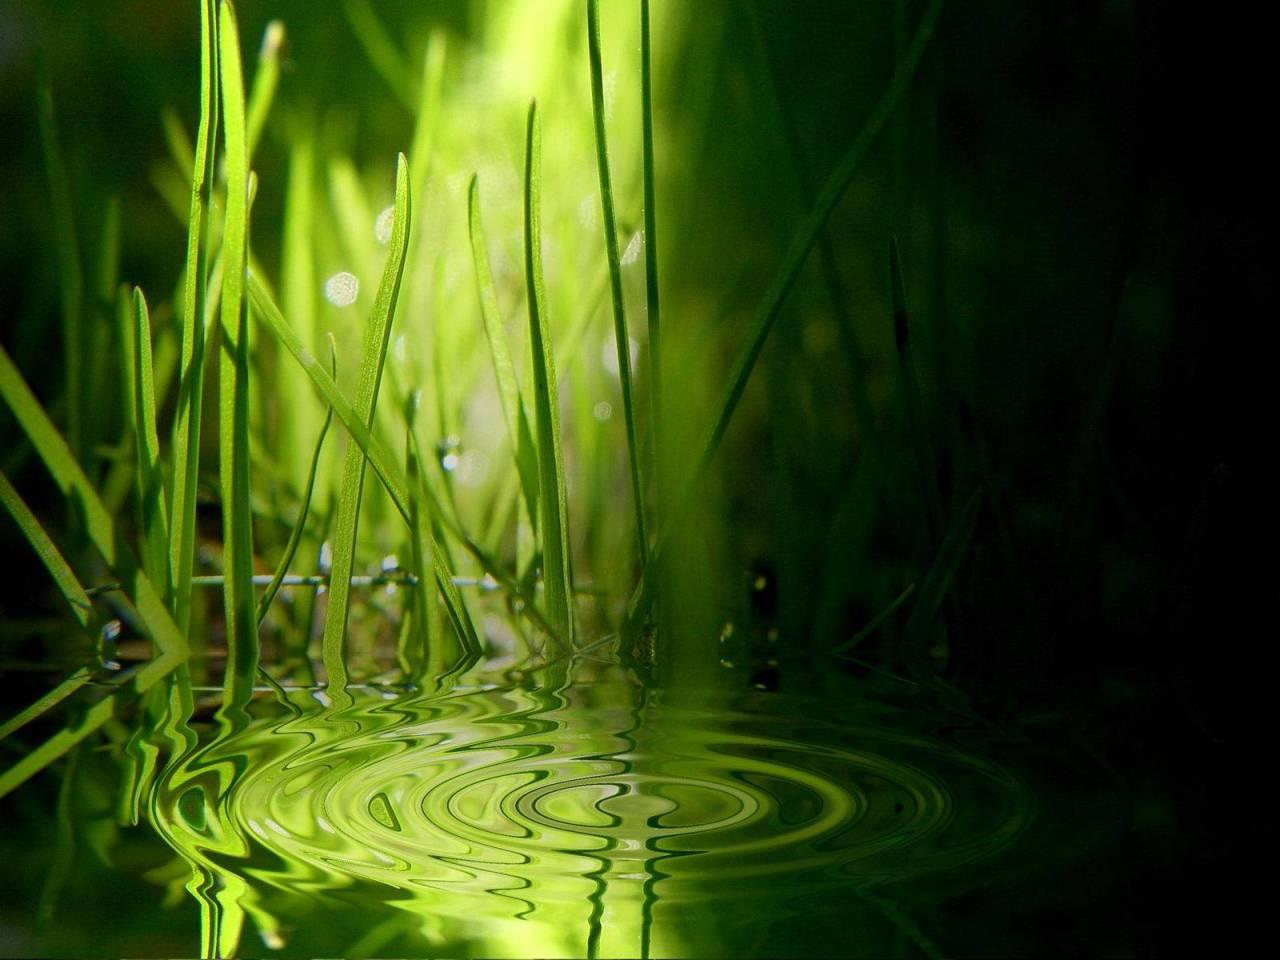 green-grass-water-relax-wallpaper